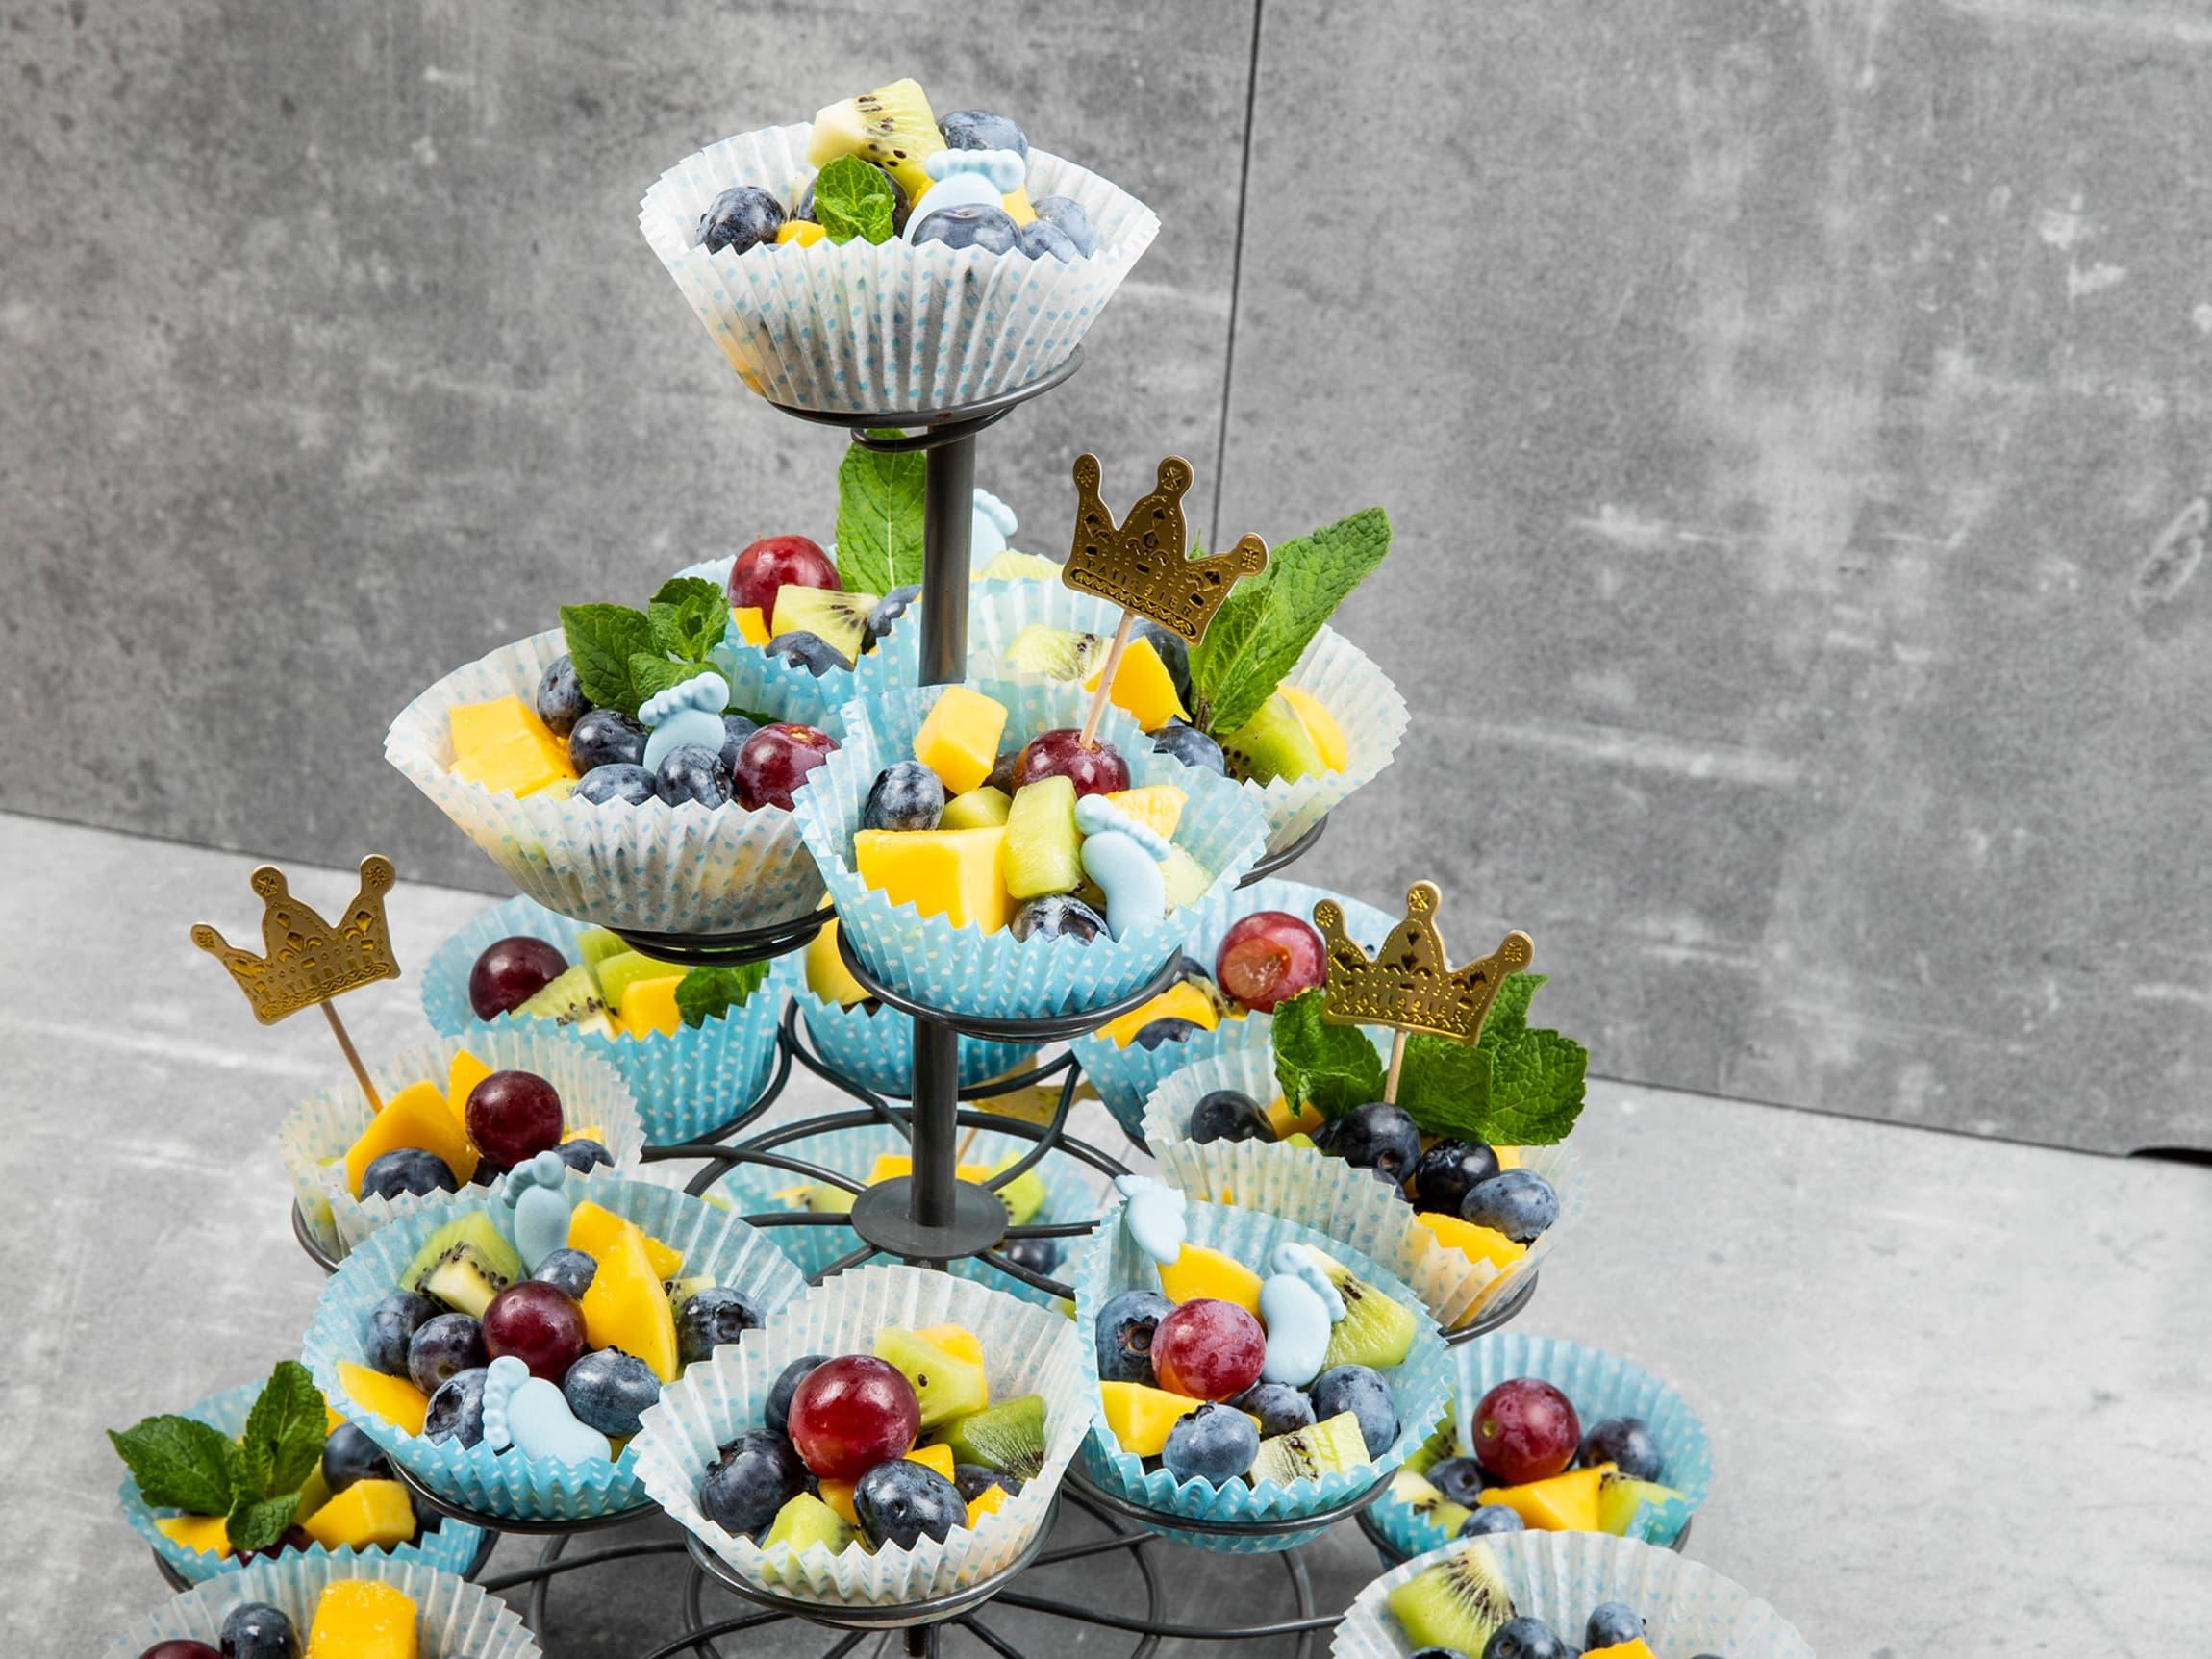 Blå eller rosa muffinsformer fylt med deilig frukt og bær